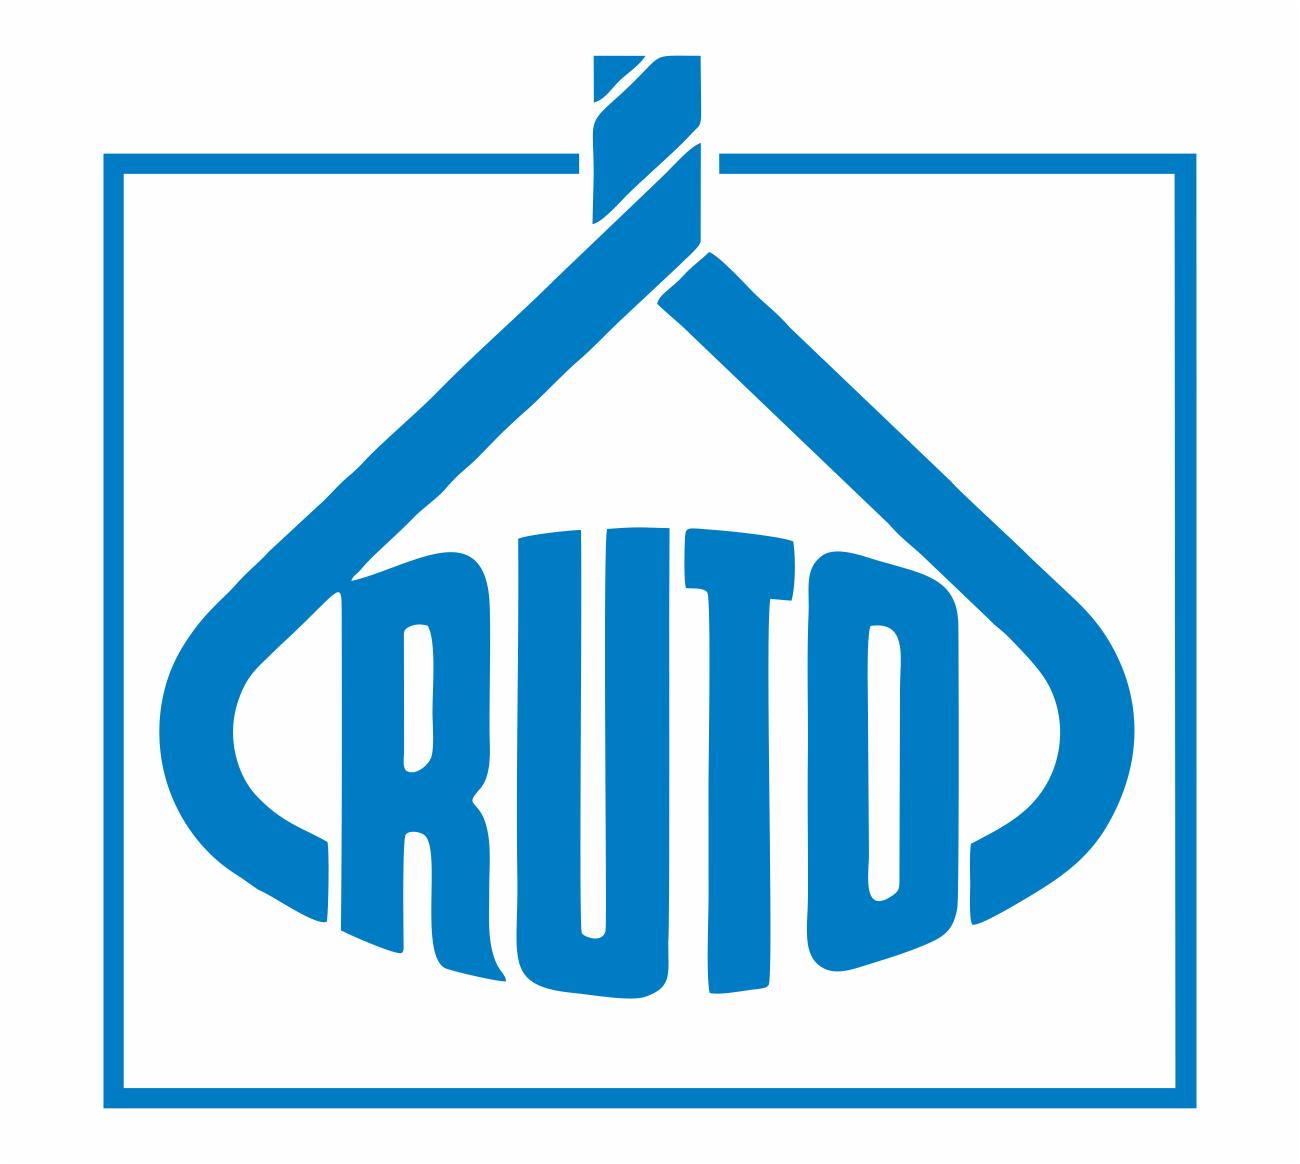 Ruto Seile-Ketten GmbH | Ruto Seile Ketten GmbH aus Puchenau Oberösterreich Drahtseile Ketten Netze Ladungssicherung Prüfung Seile Absturzsicherung Anschlagpunkte Anschlagmittel